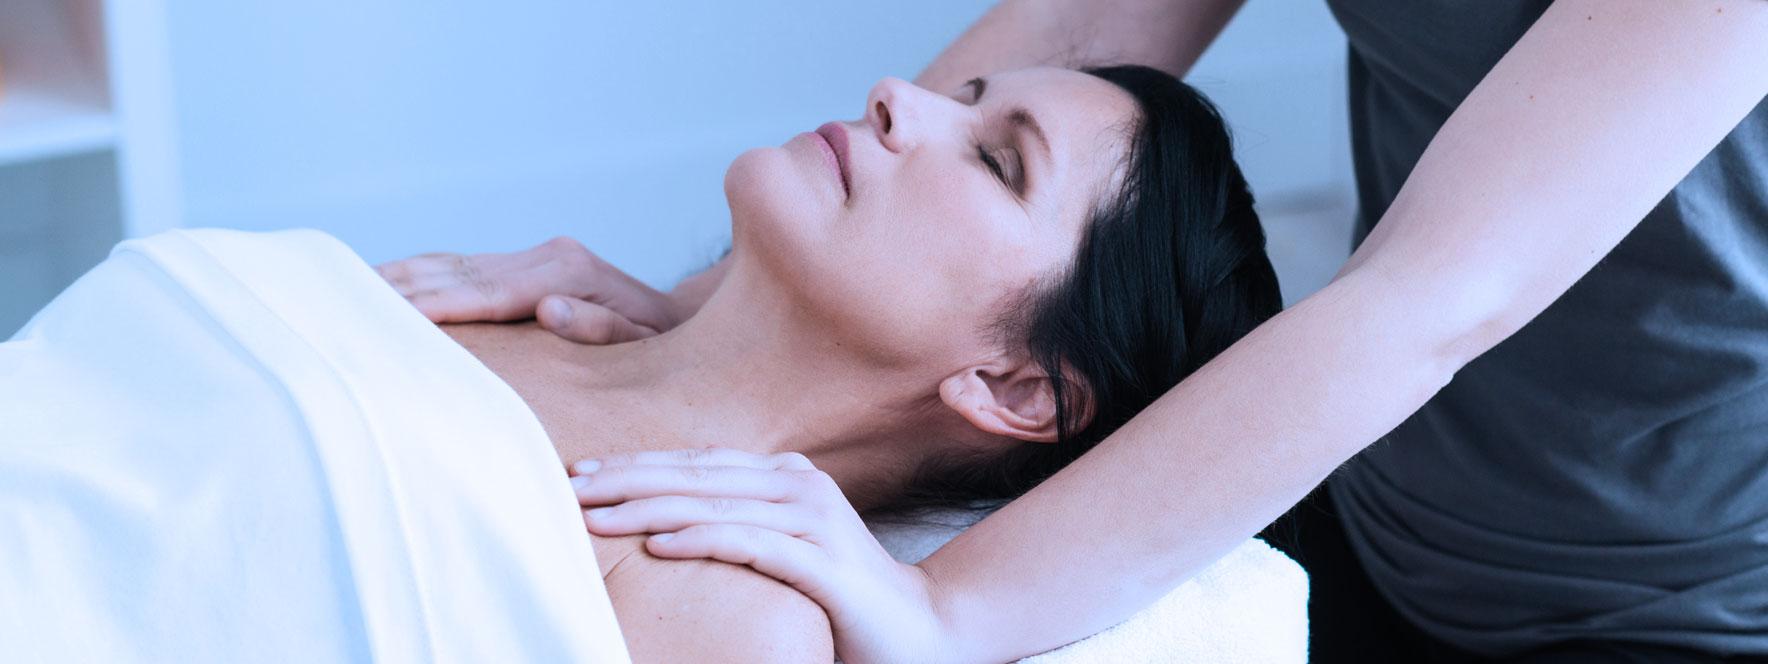 Femme qui respire profondément pendant son soin en massothérapie